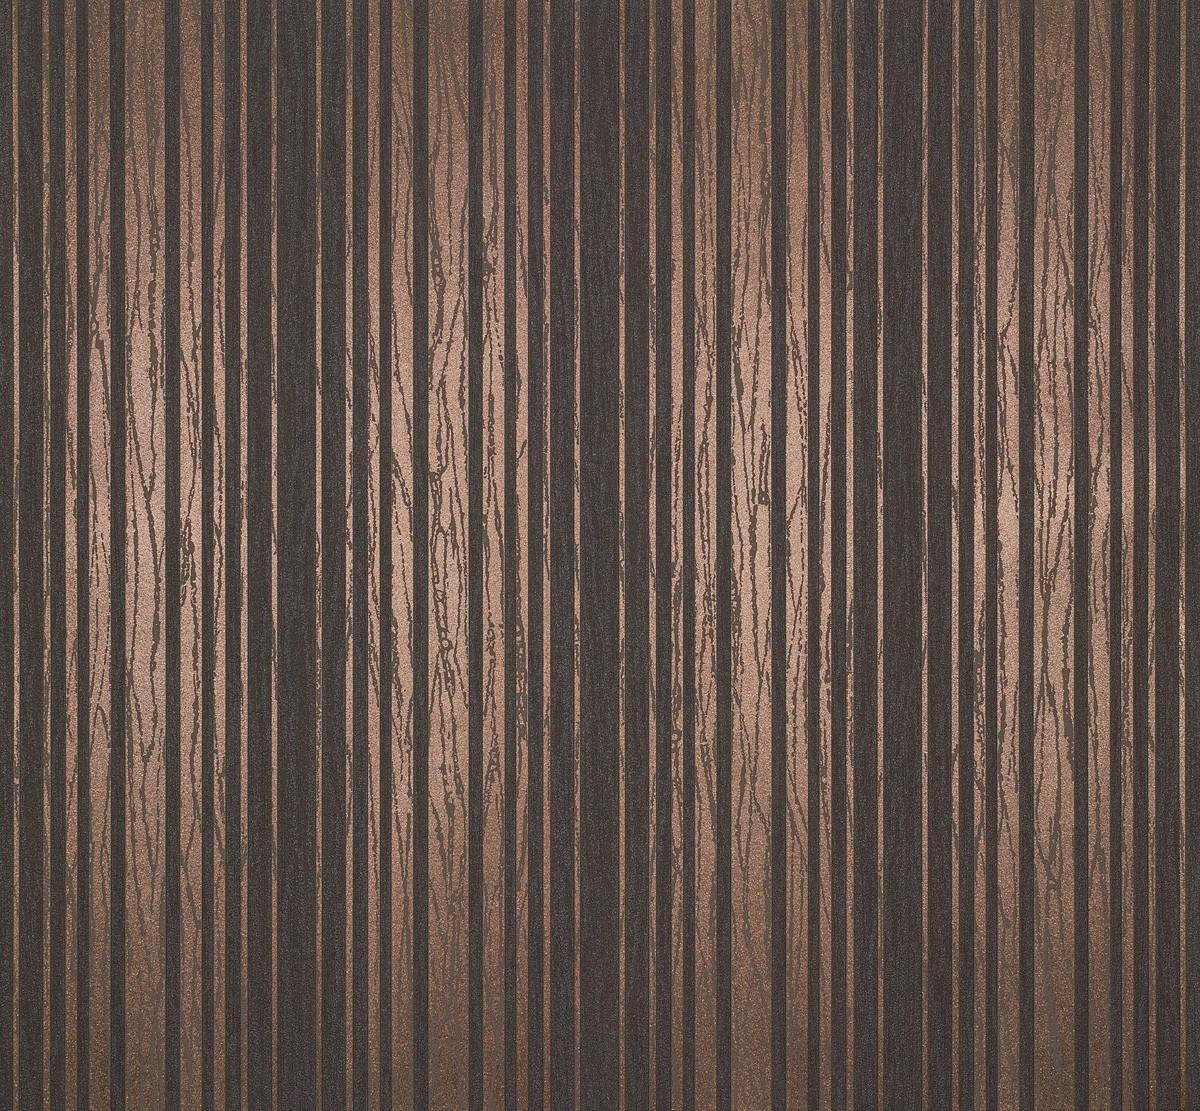 Effekt Wandfarbe Bronze Metallic: Vliestapete Streifen Linien Braun Kupfer Metallic 55722